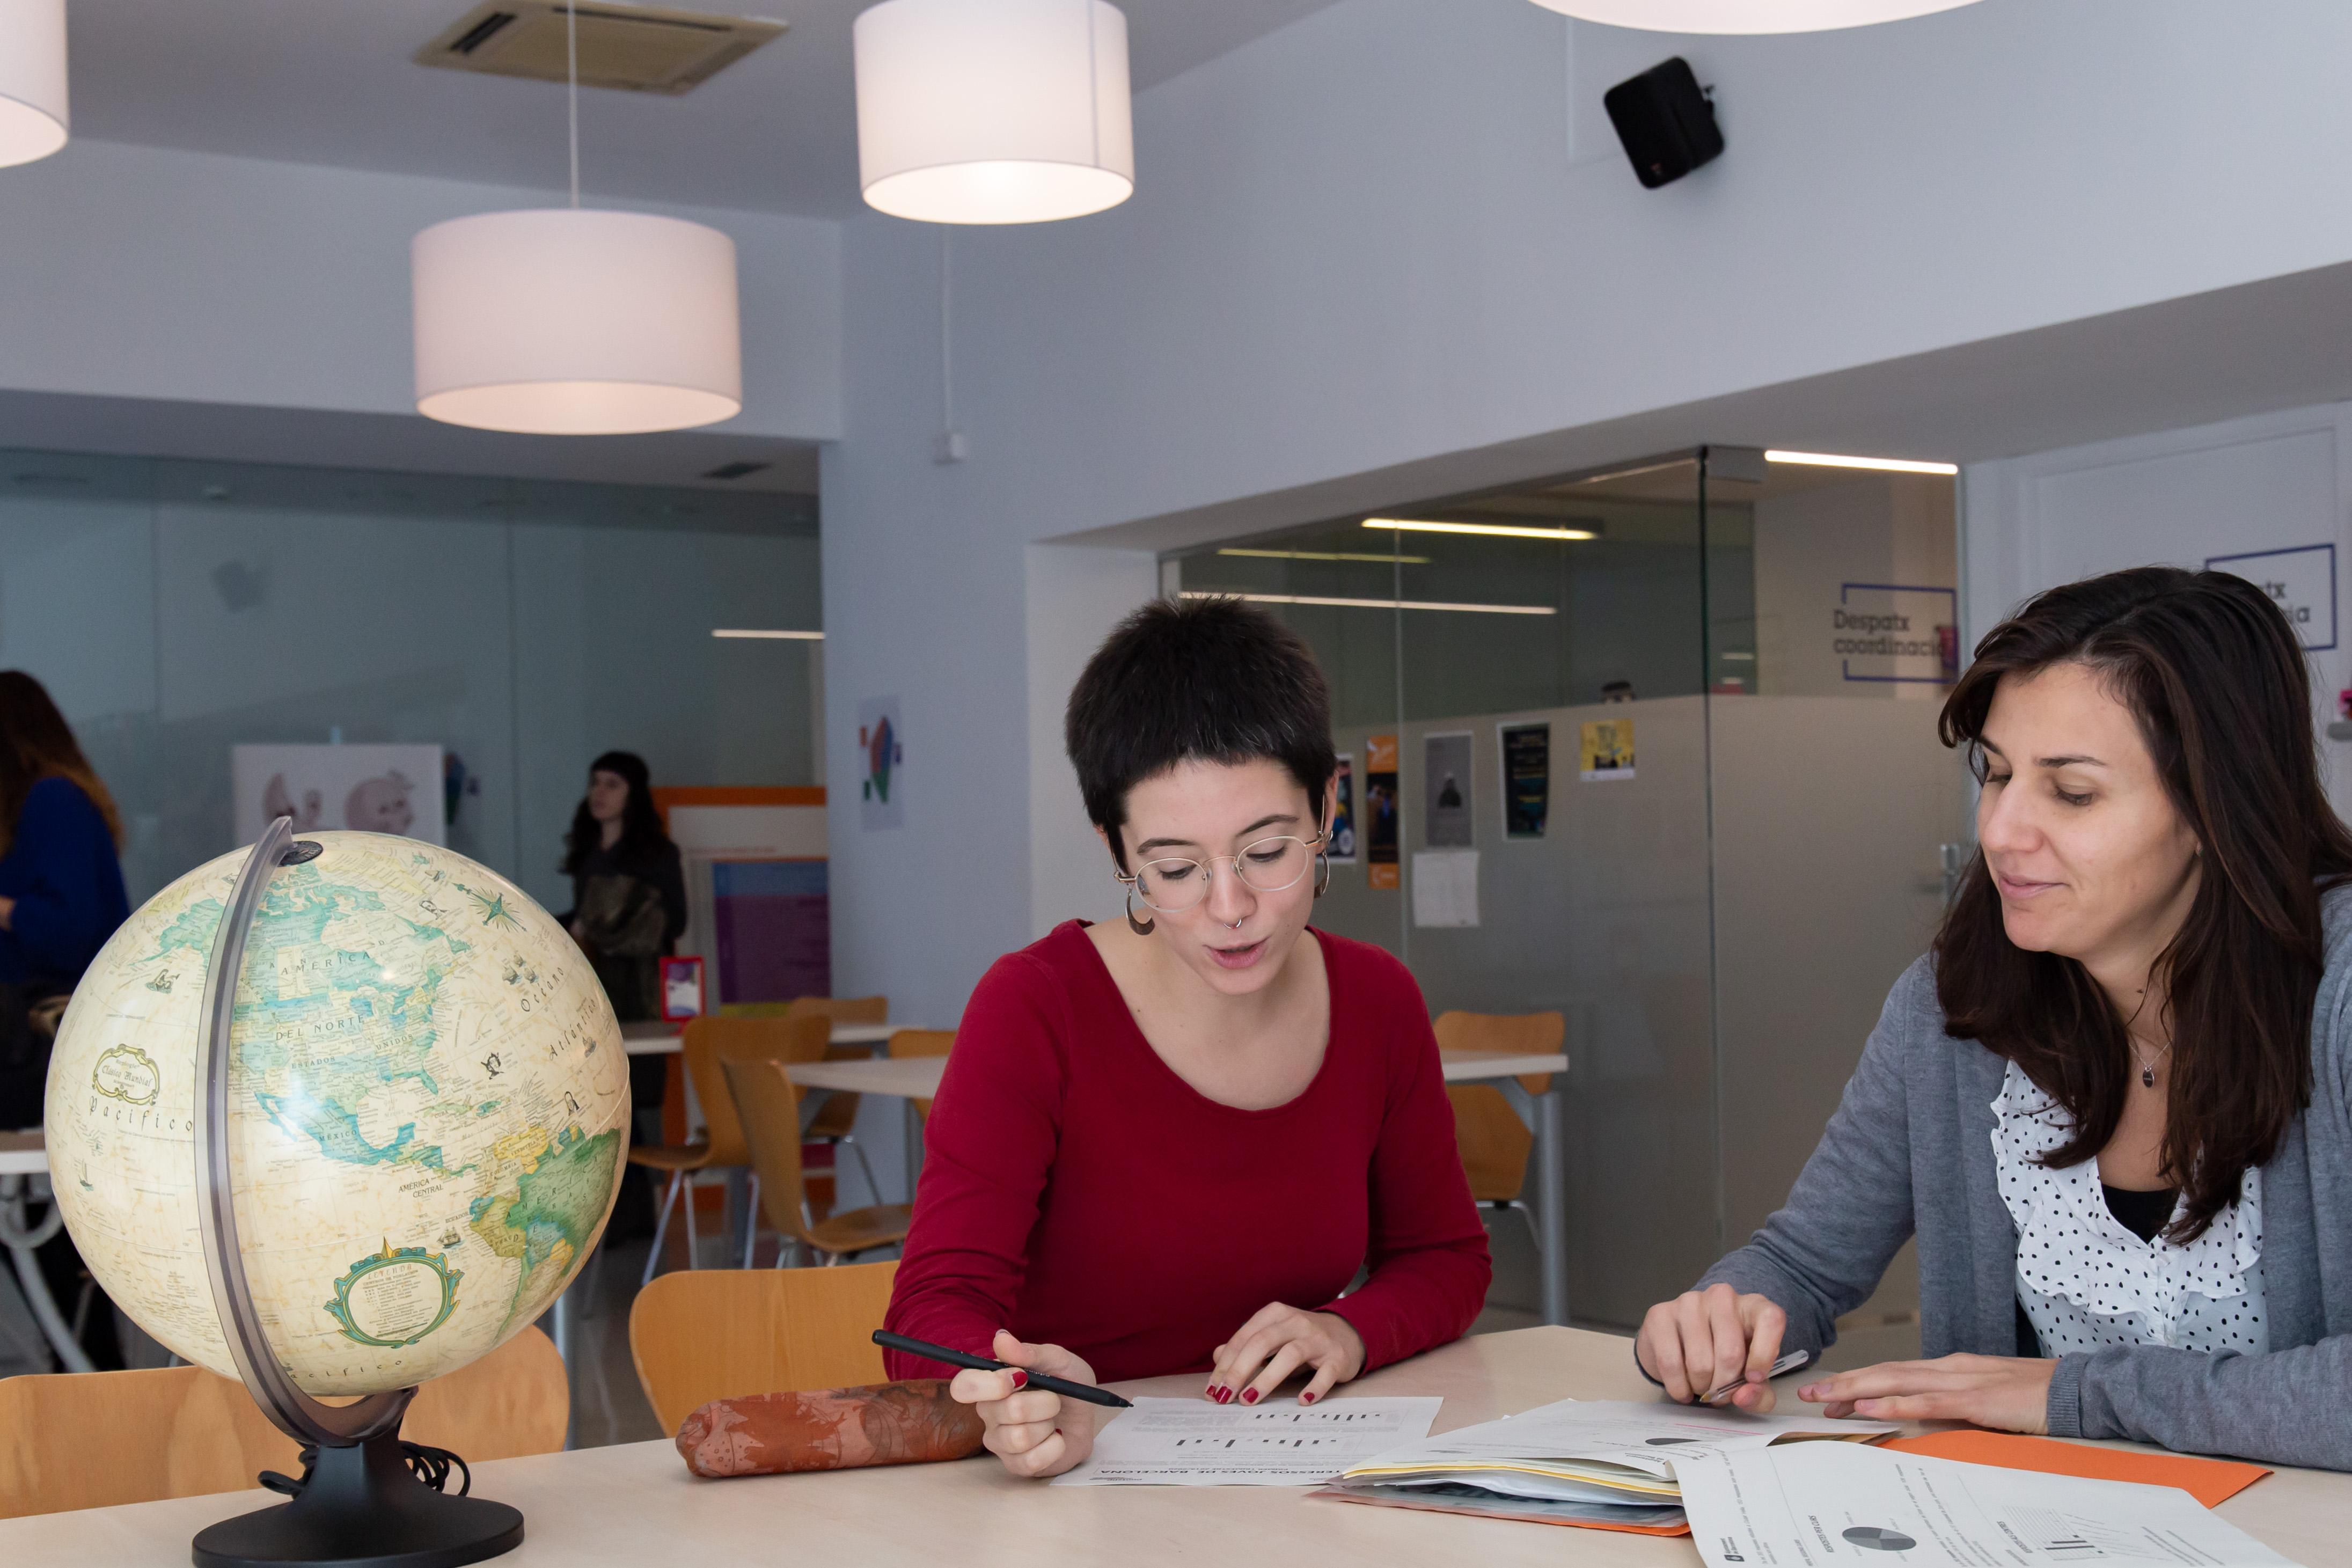 Assessoria de mobilitat internacional per a joves